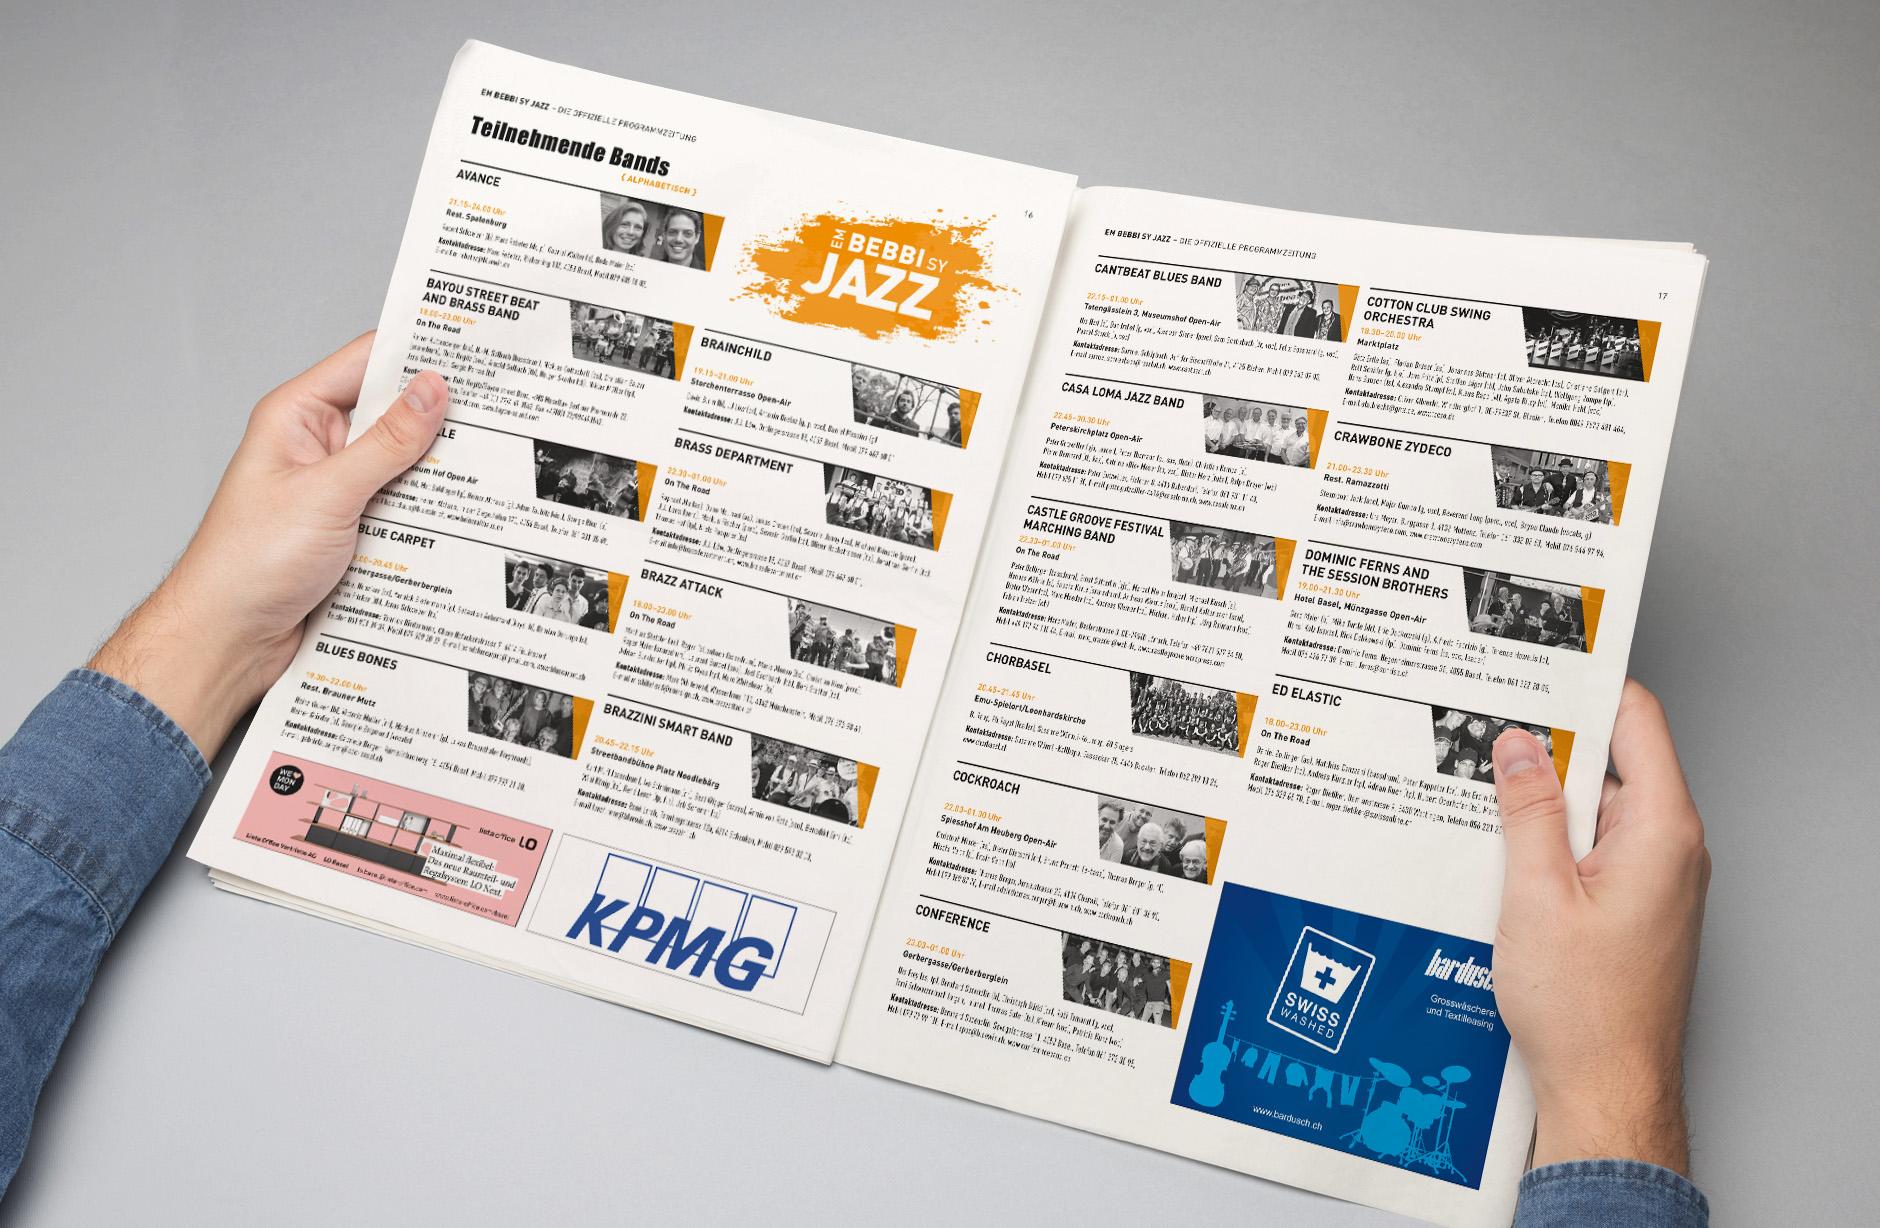 Em Bebbi sy Jazz Programmzeitung